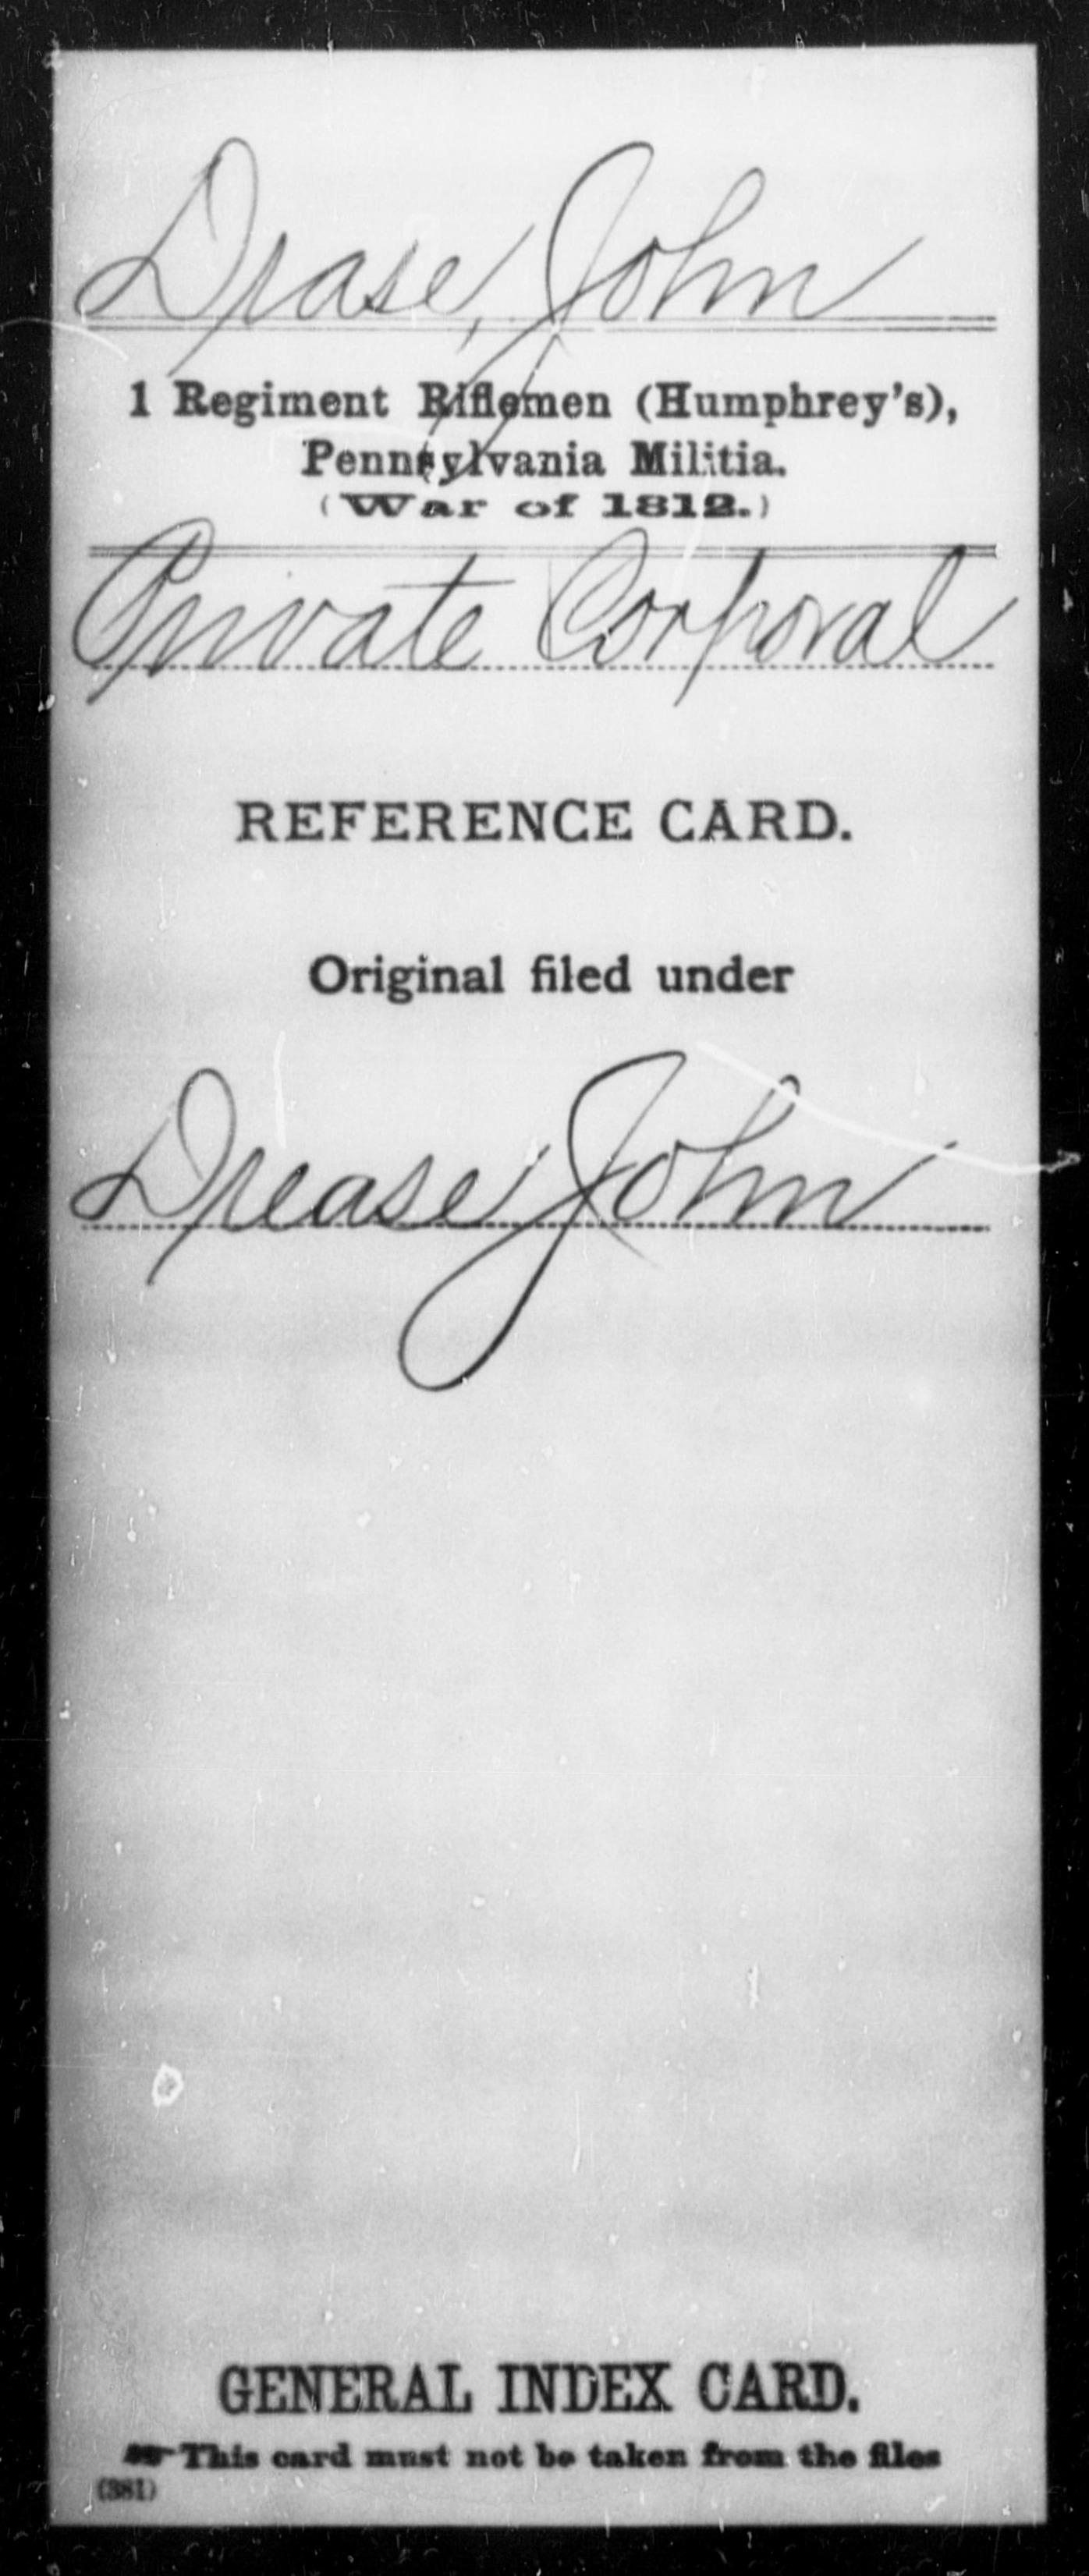 Drase, John - State: Pennsylvania - Regiment: 1 Riflemen (Humphrey's), Pennsylvania Militia